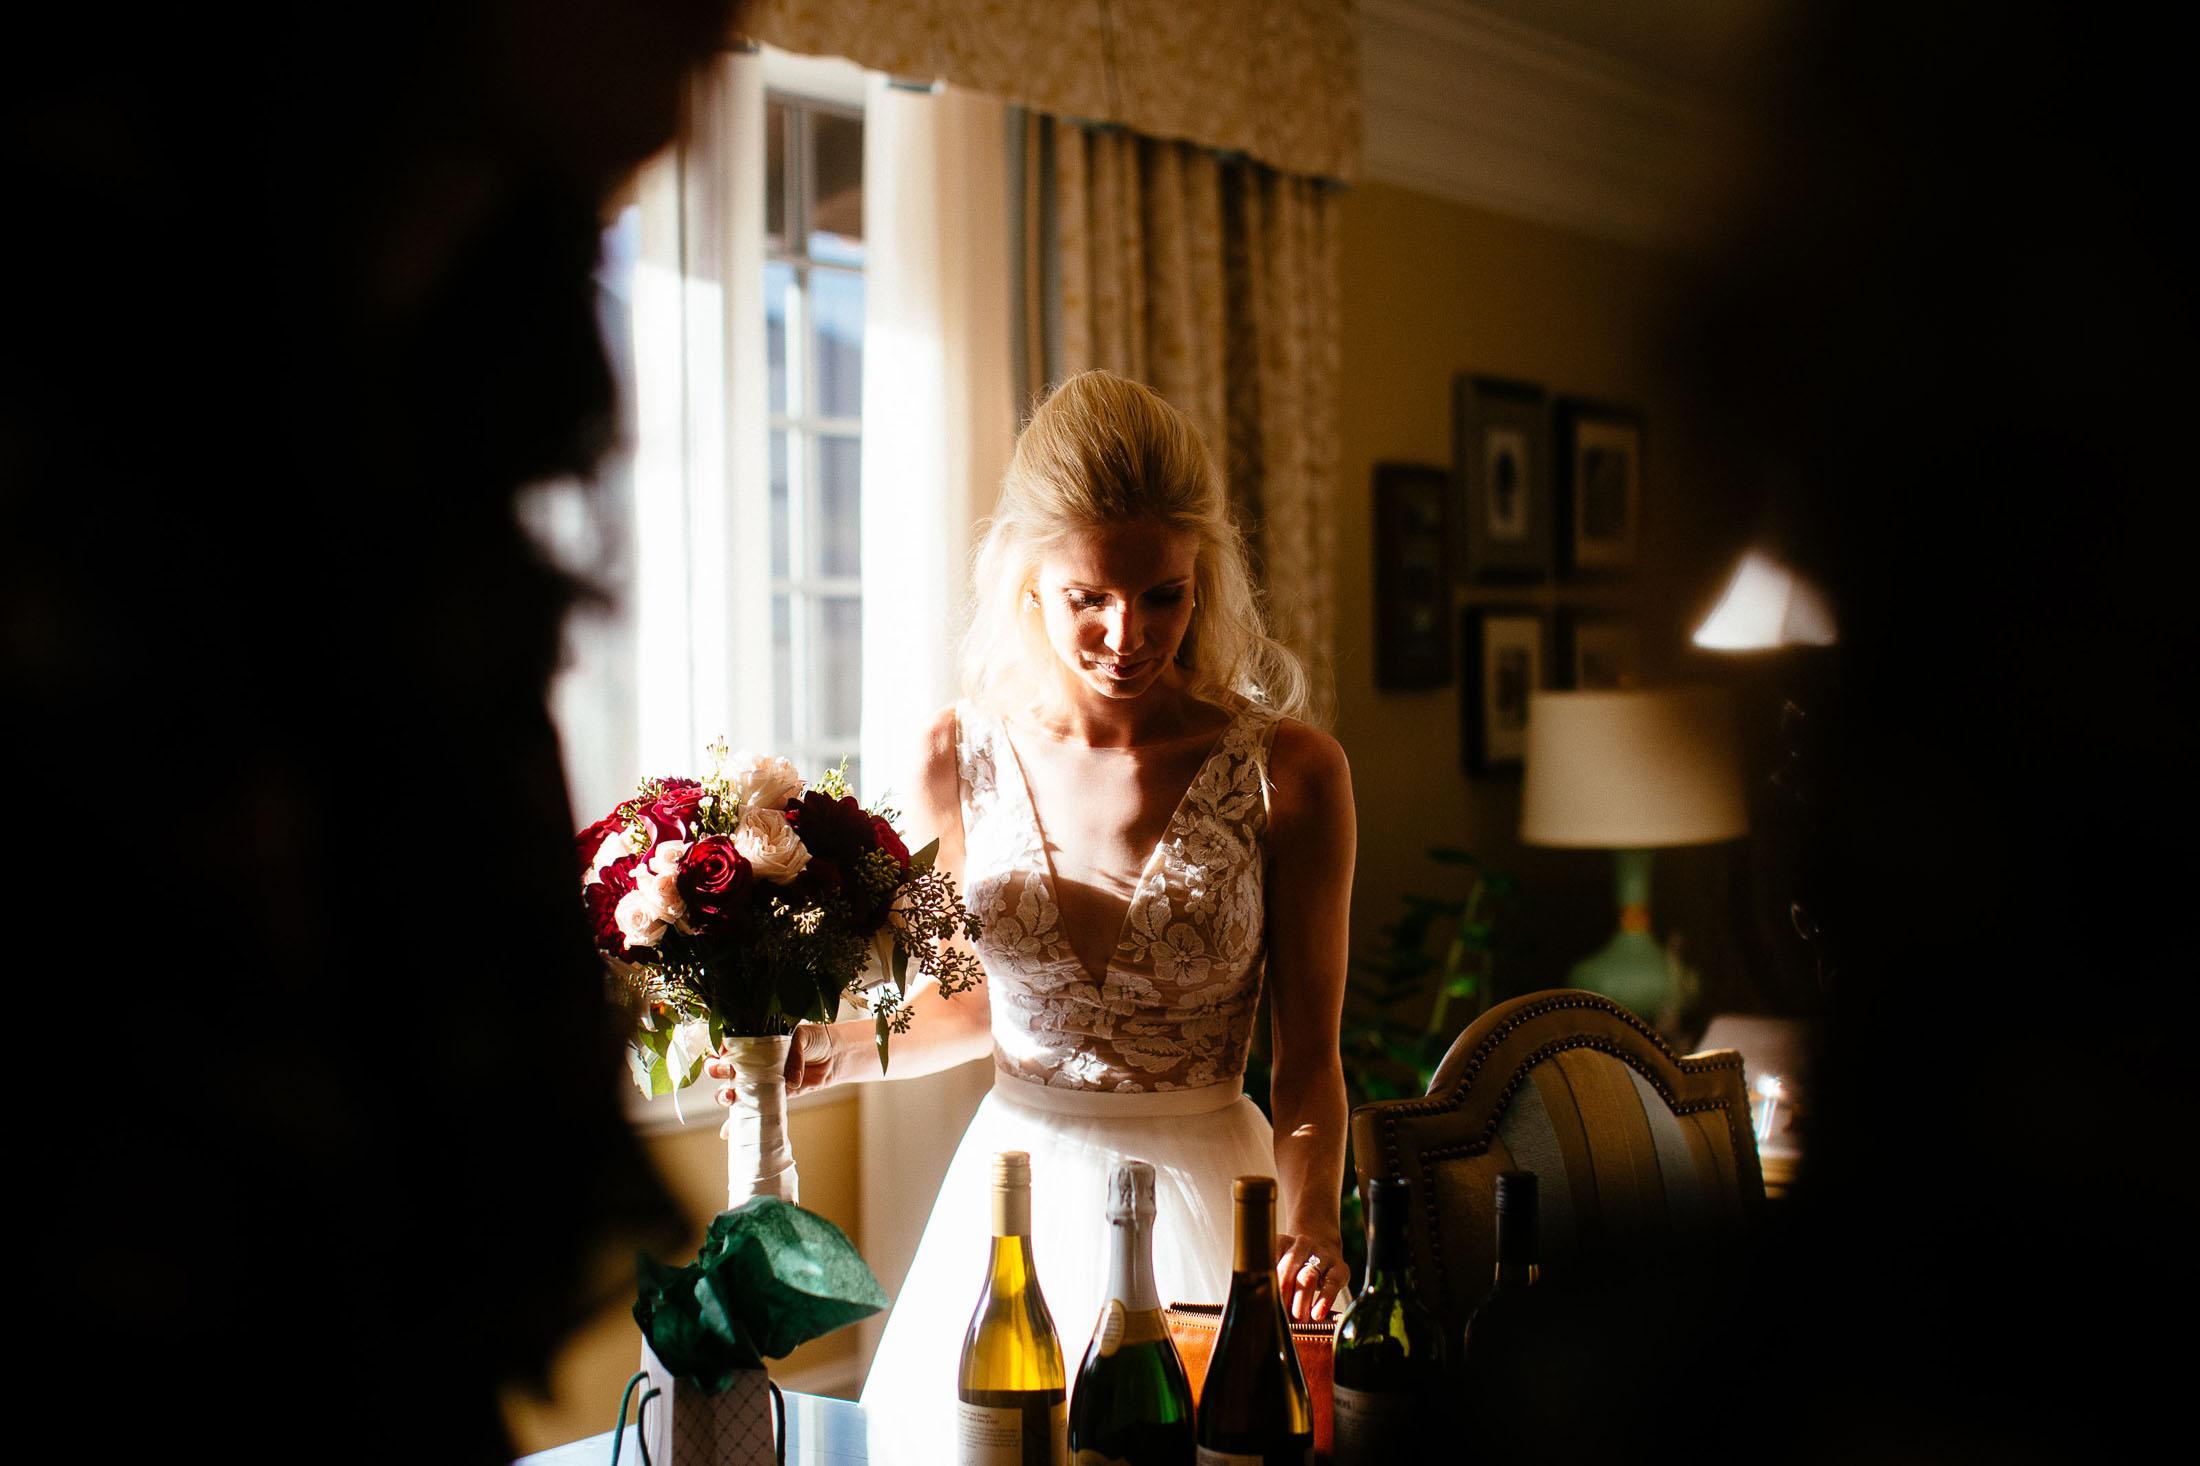 Bride standing window light with wine bottles.